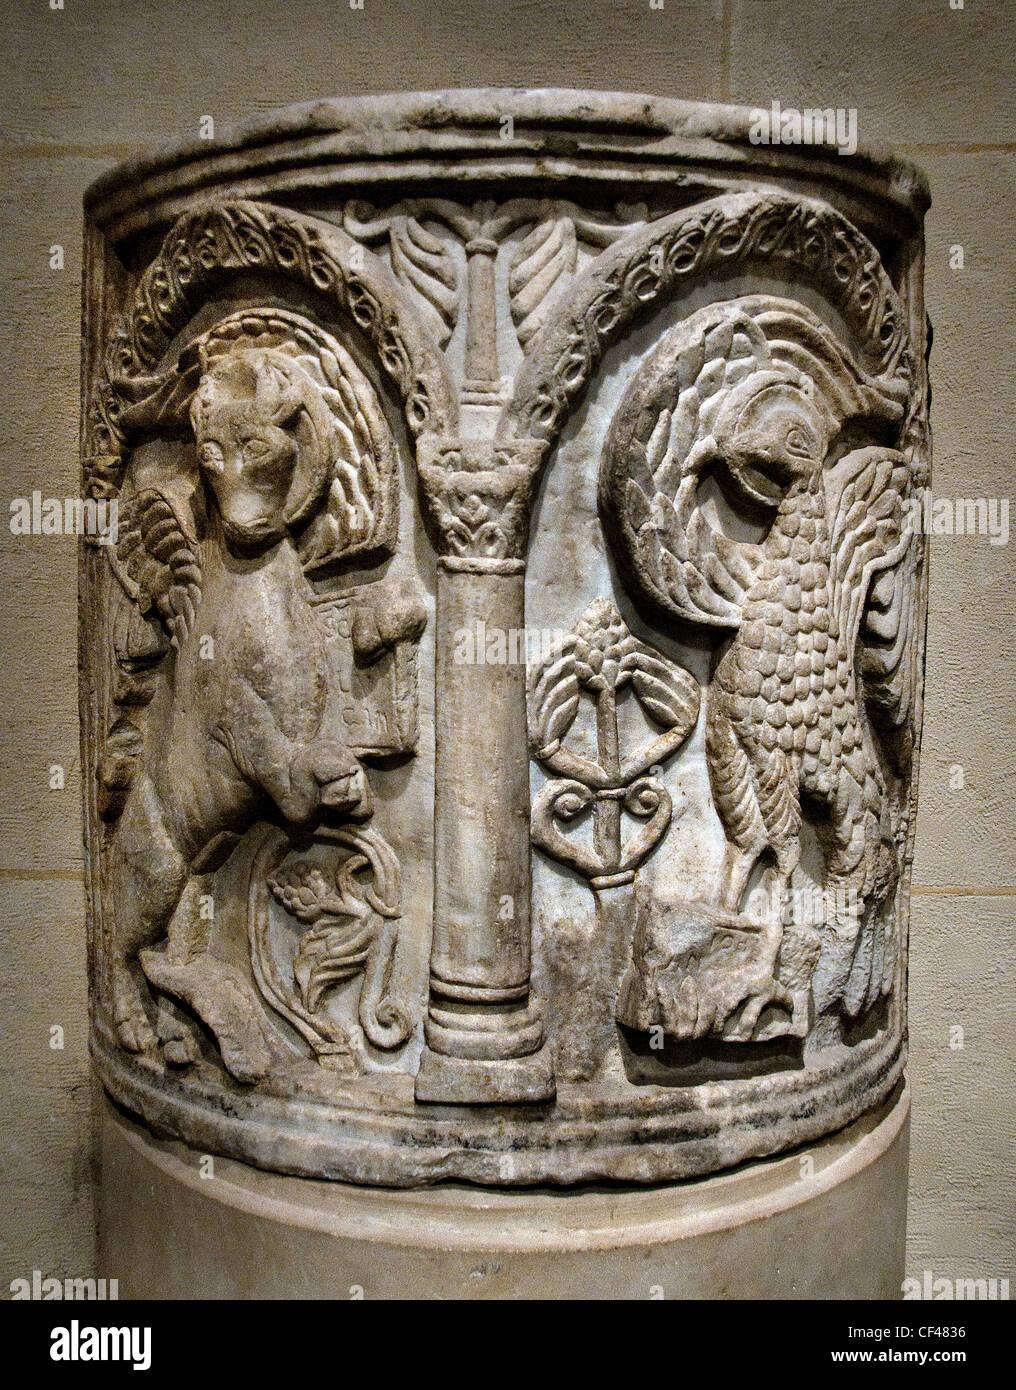 Parapetto di Ambon adorna i simboli evangelisti Luca - Giovanni 2 Cent Abbazia di Pomposa monastero benedettino Immagini Stock